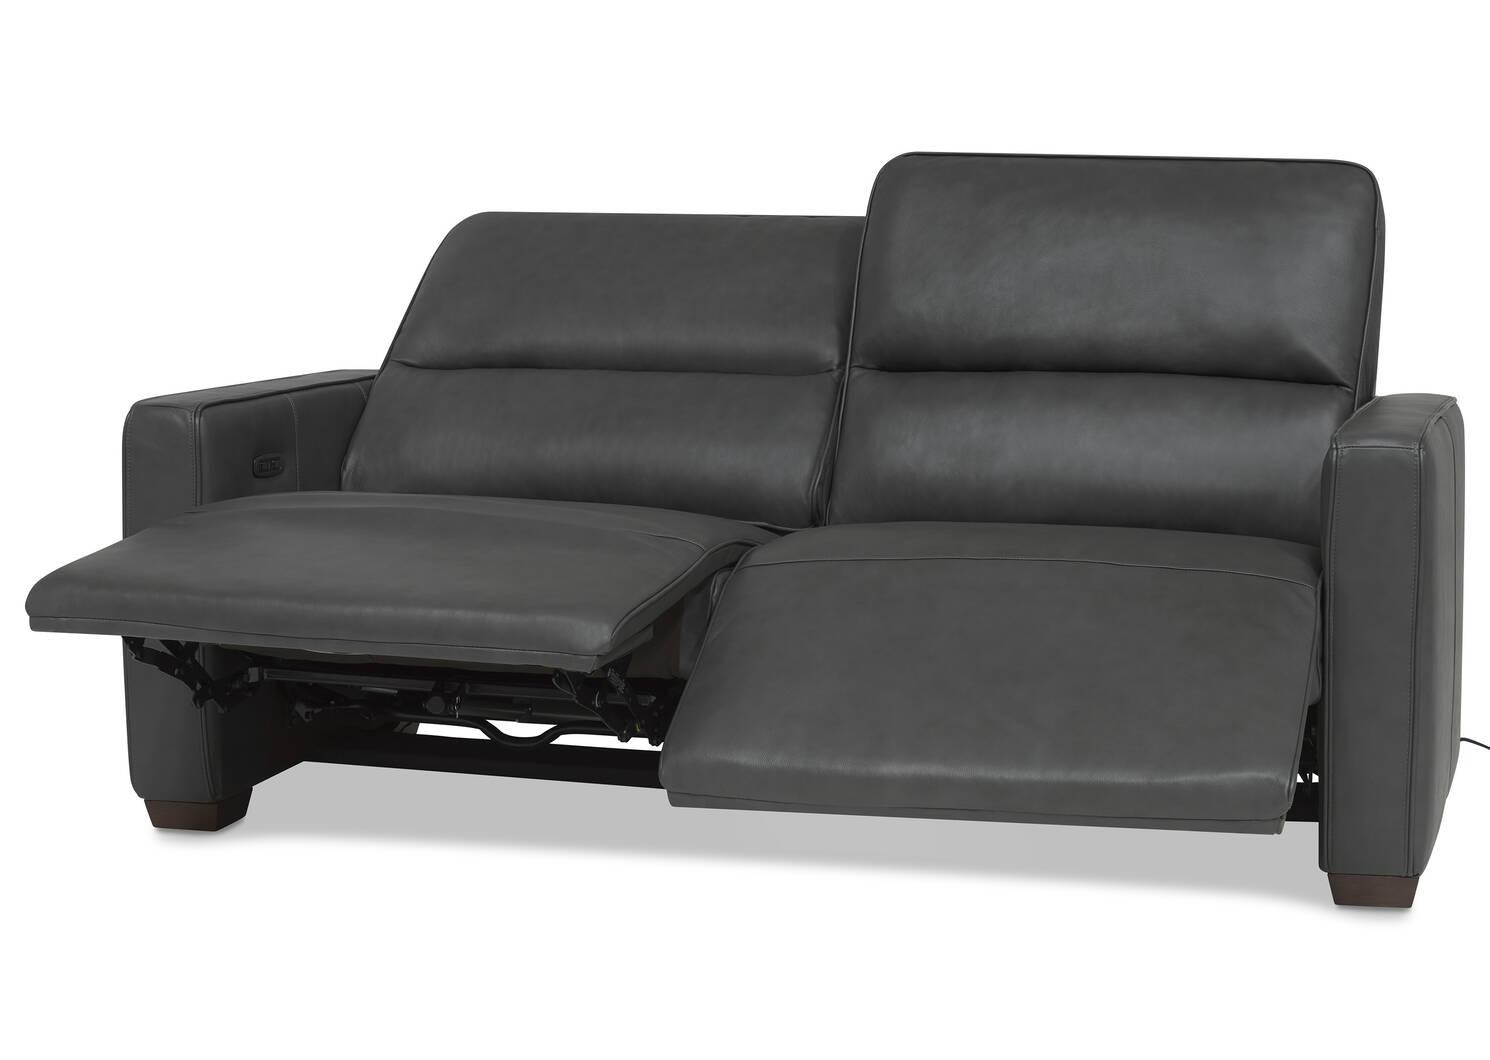 Reese Leather Reclining Sofa -Arlo Smoke